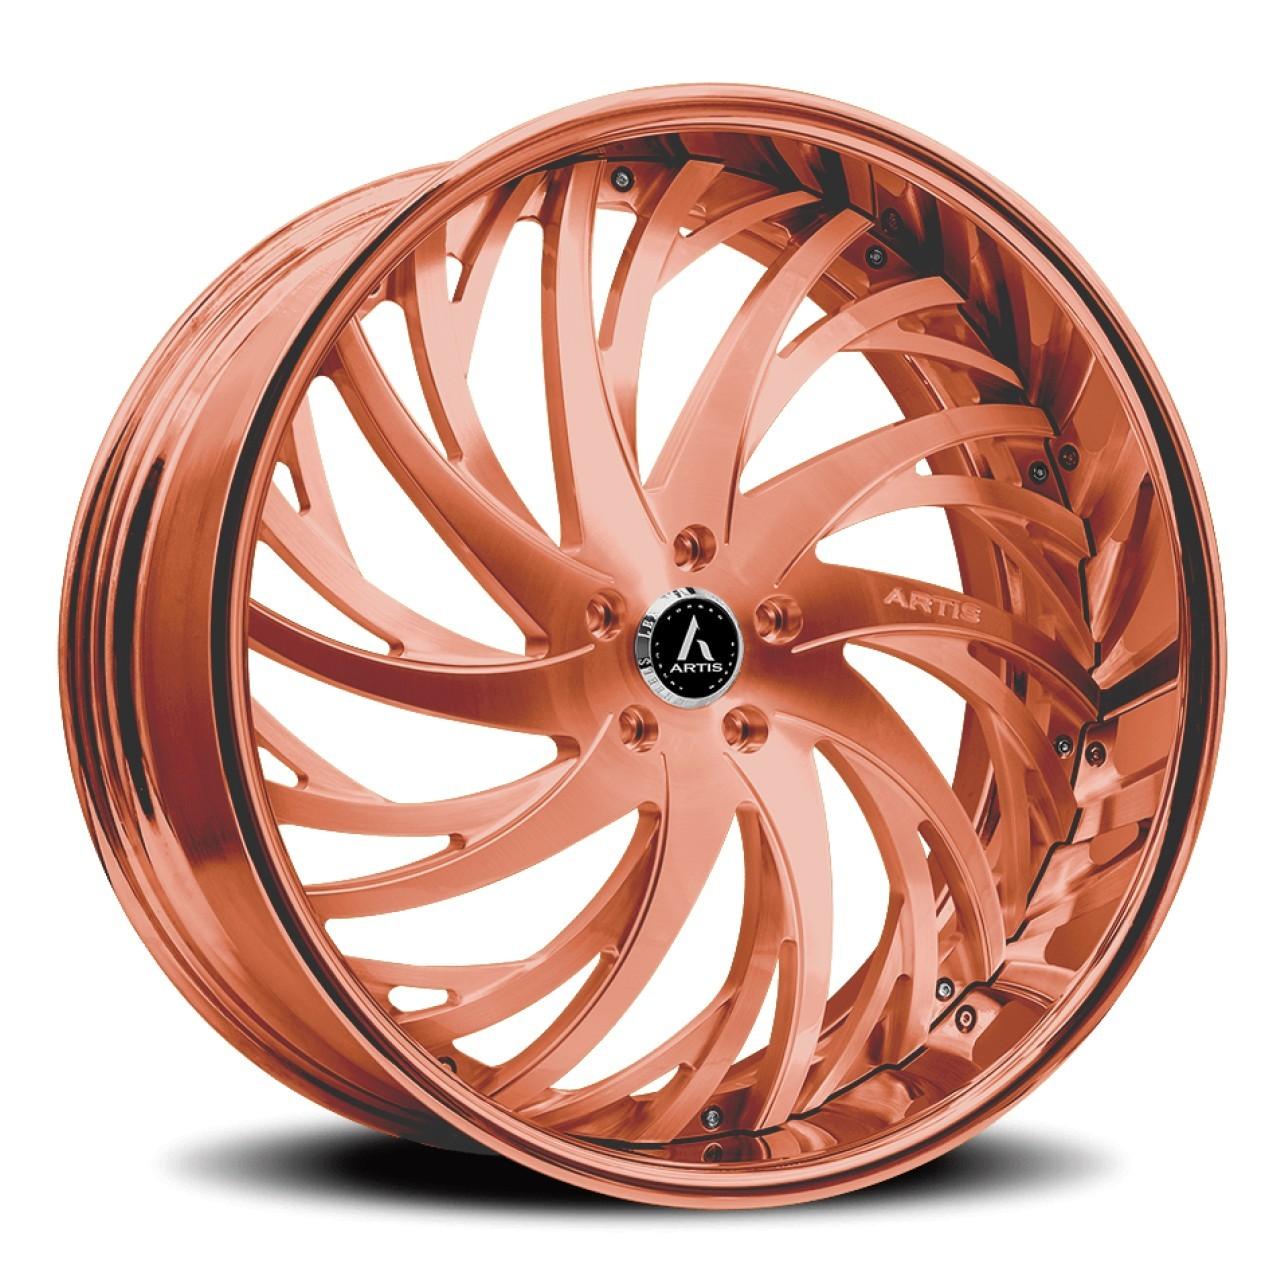 Artis Decatur forged wheels